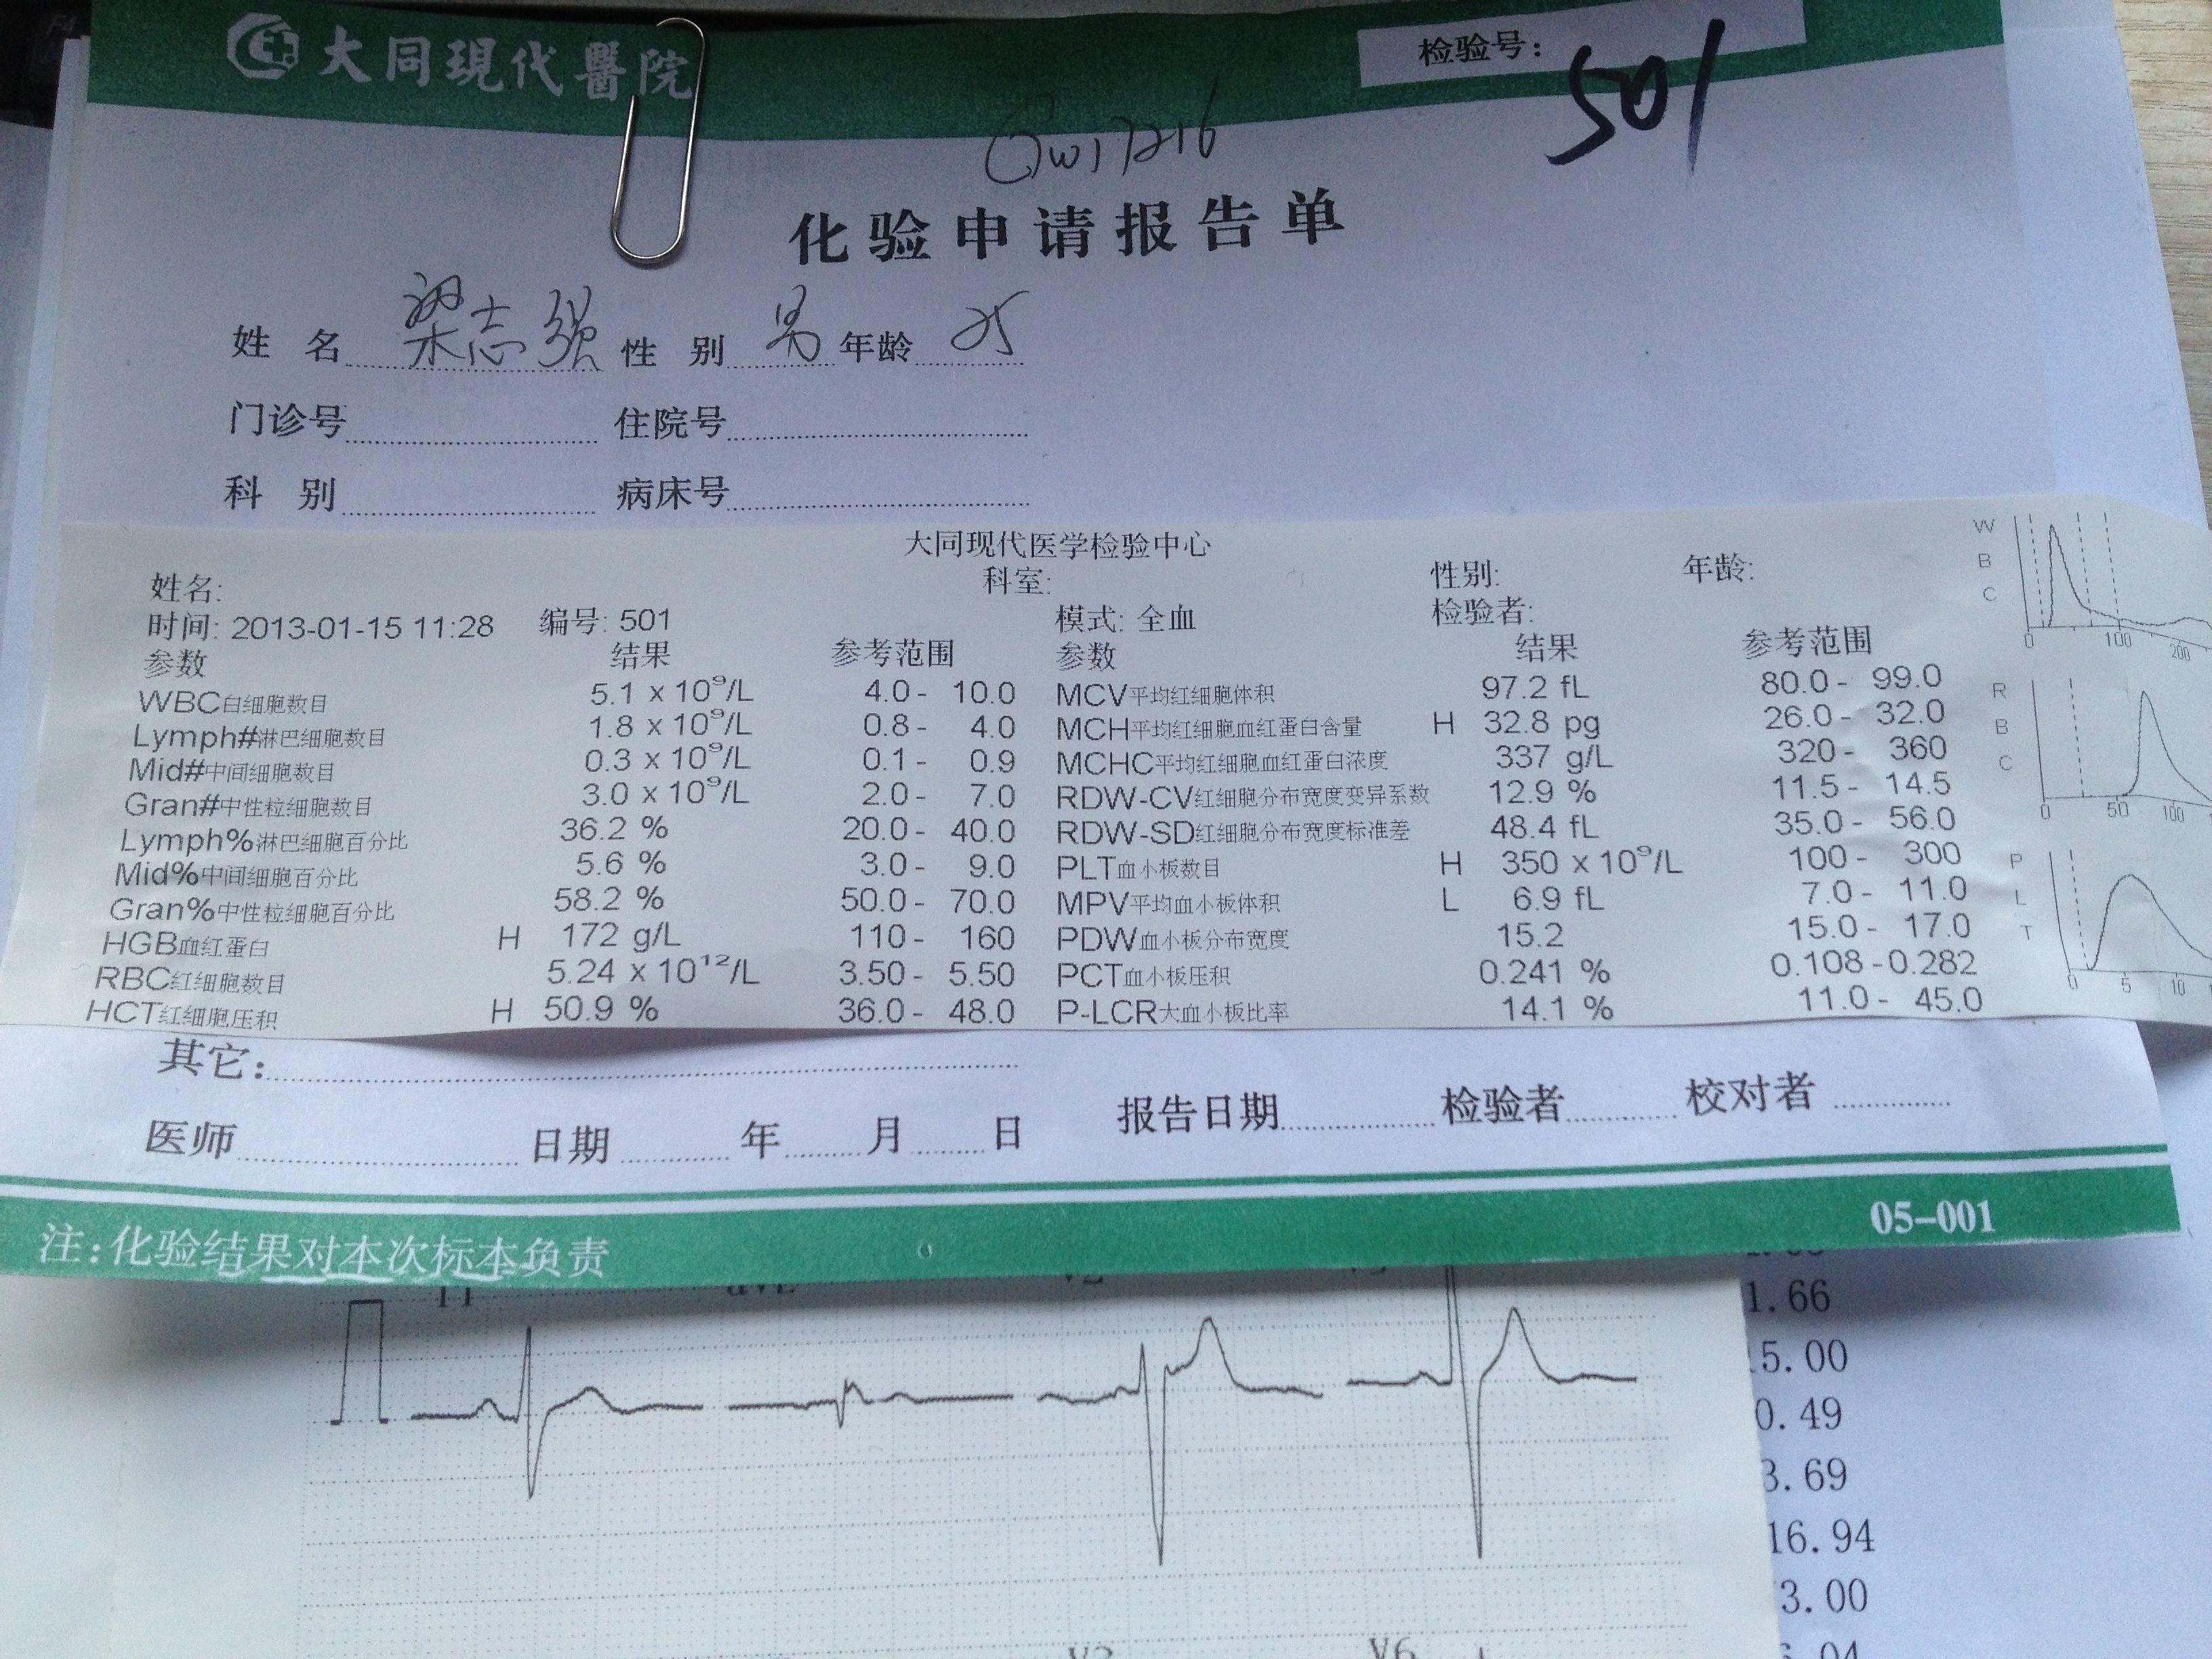 肌酐偏高尿常规正常_我的体检报告正常吗?尿常规和血常规,和肾功能正常吗?有些 ...